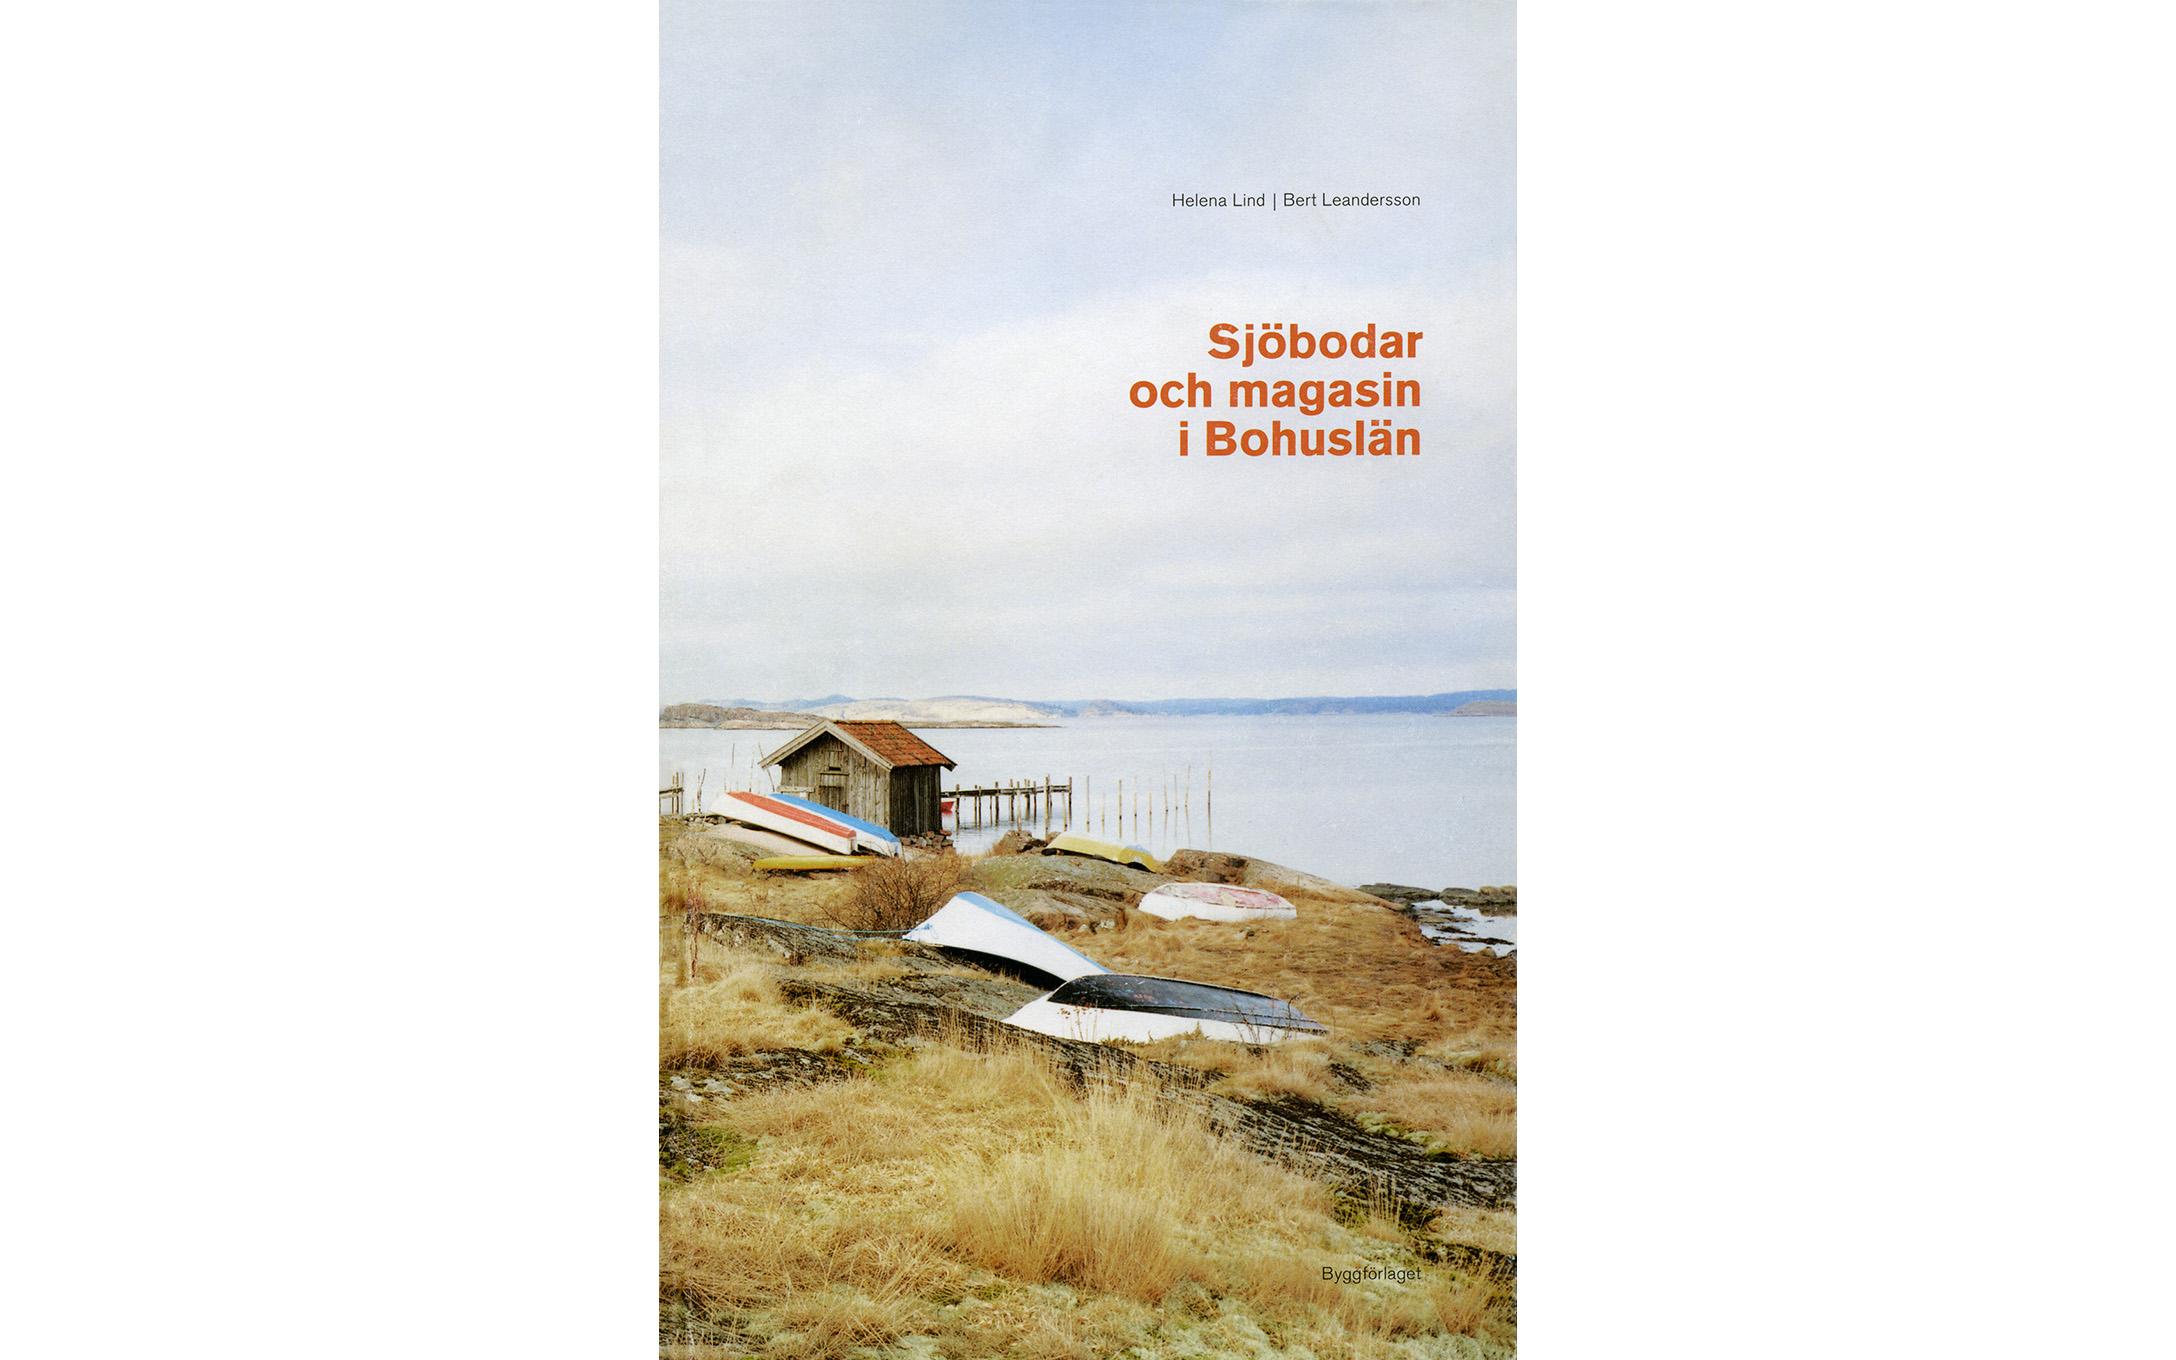 Sjöbodar och magasin i Bohuslän